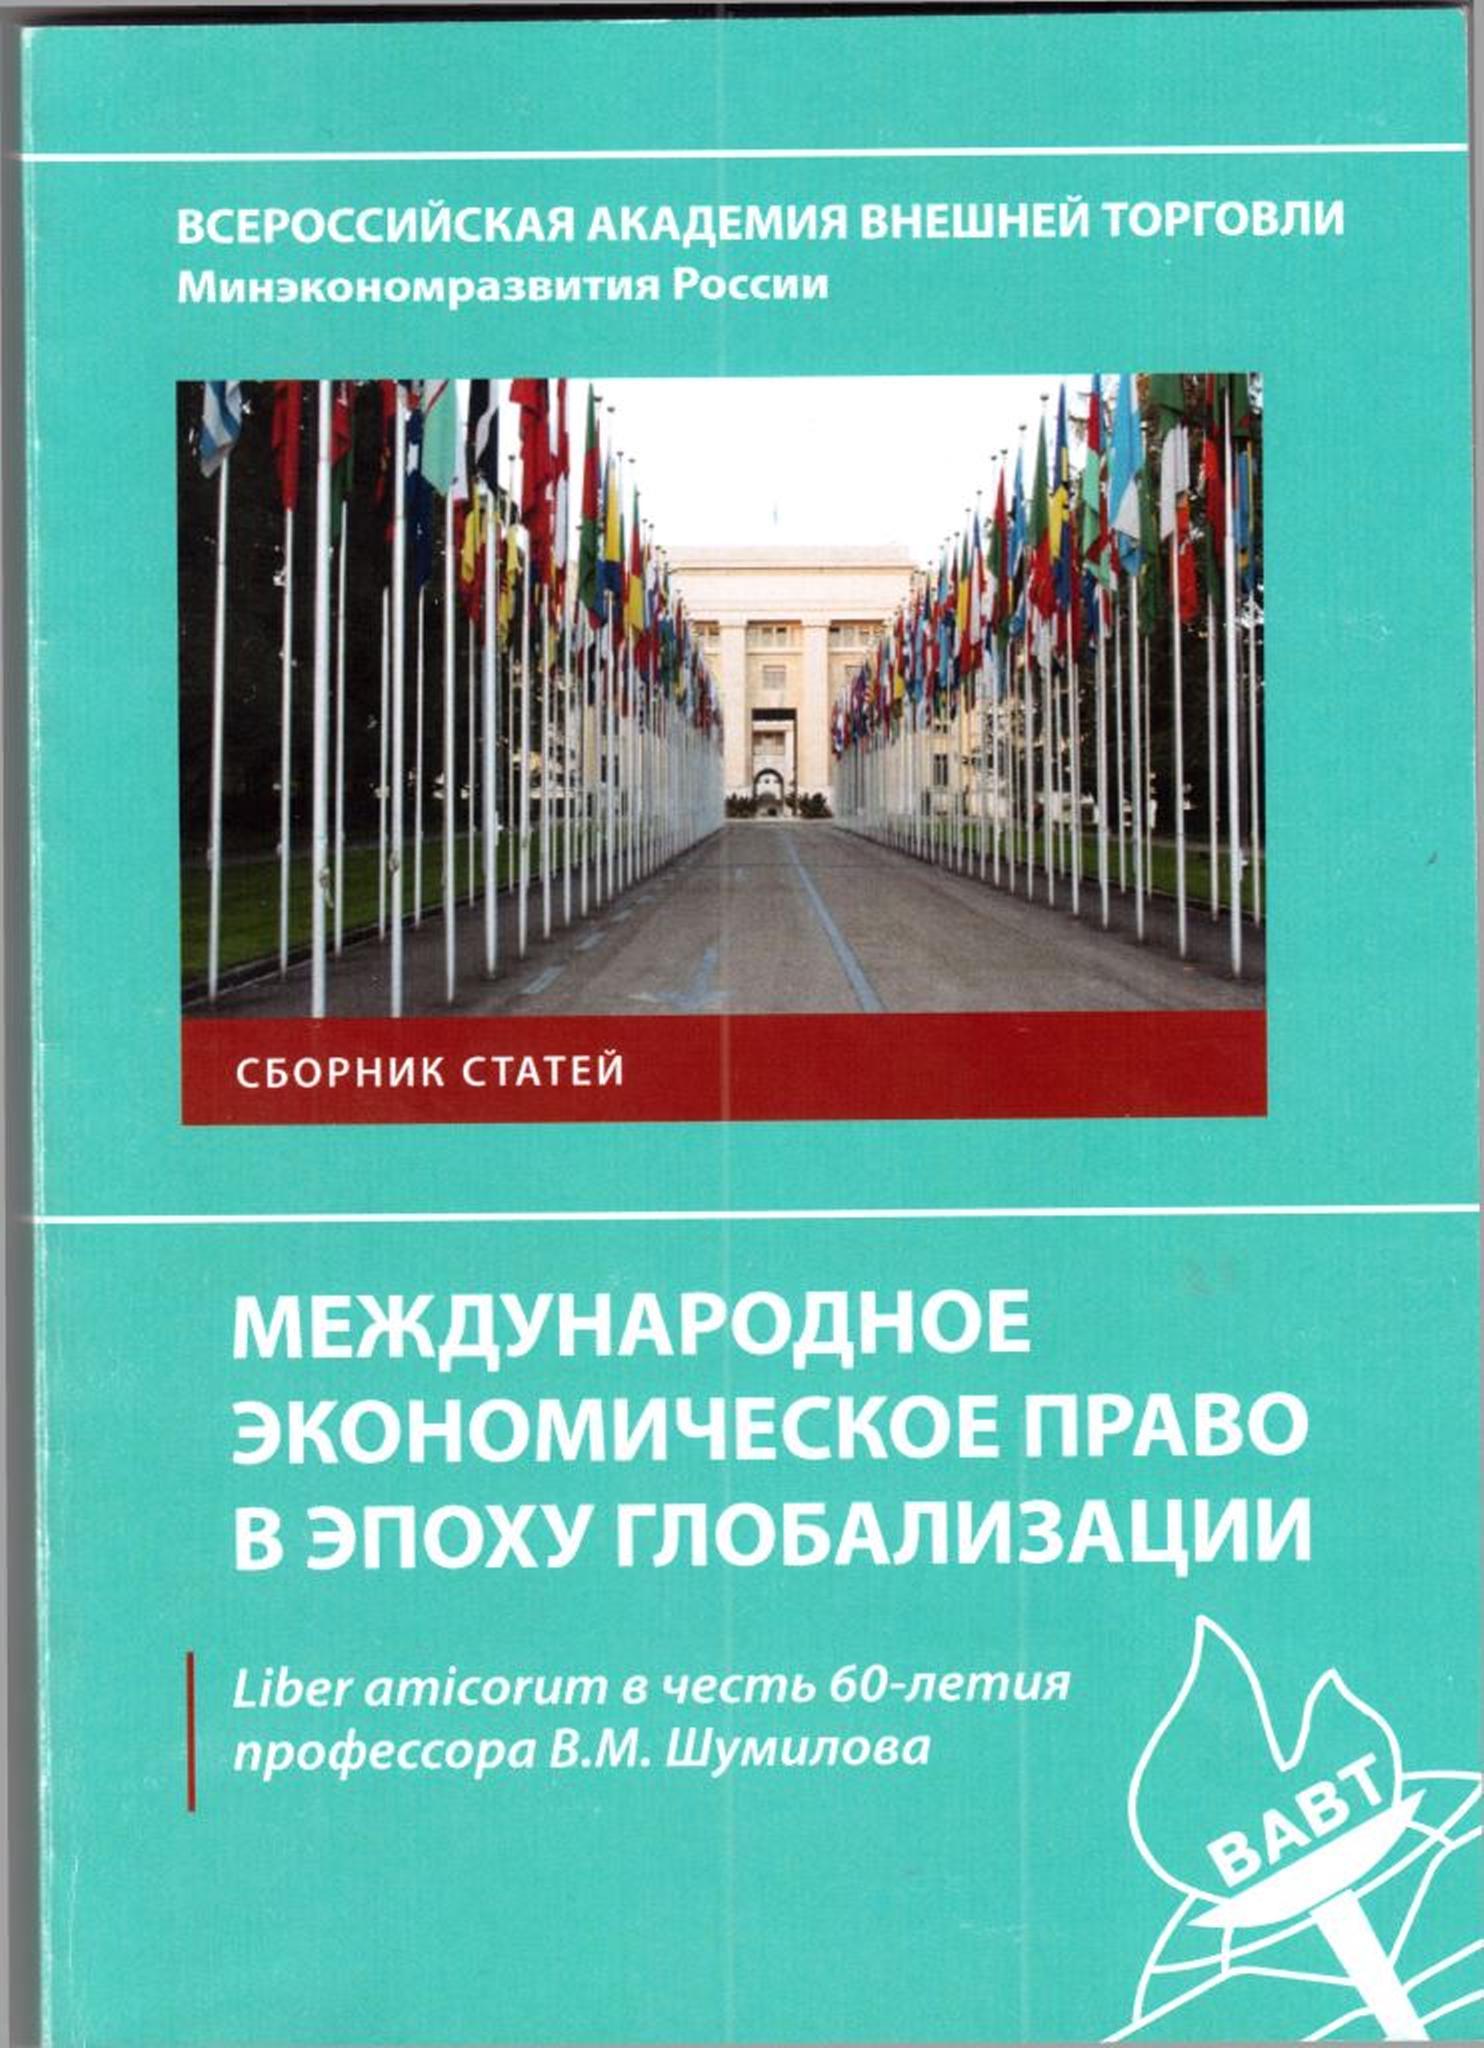 Международное экономическое право в эпоху глобализации. Liber amicorum в честь 60-летия профессора В.М. Шумилова: сборник статей